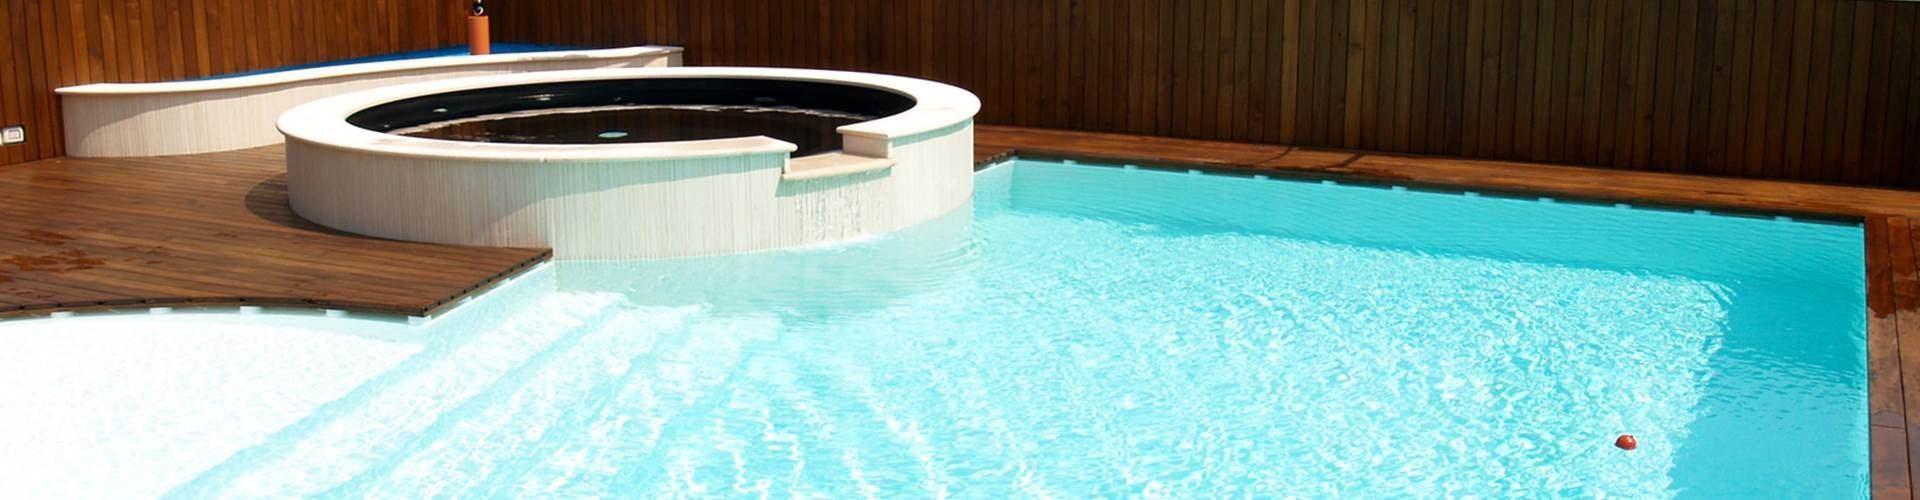 Costruzione piscine mantova mn progettazione e - Costruzione piscine brescia ...